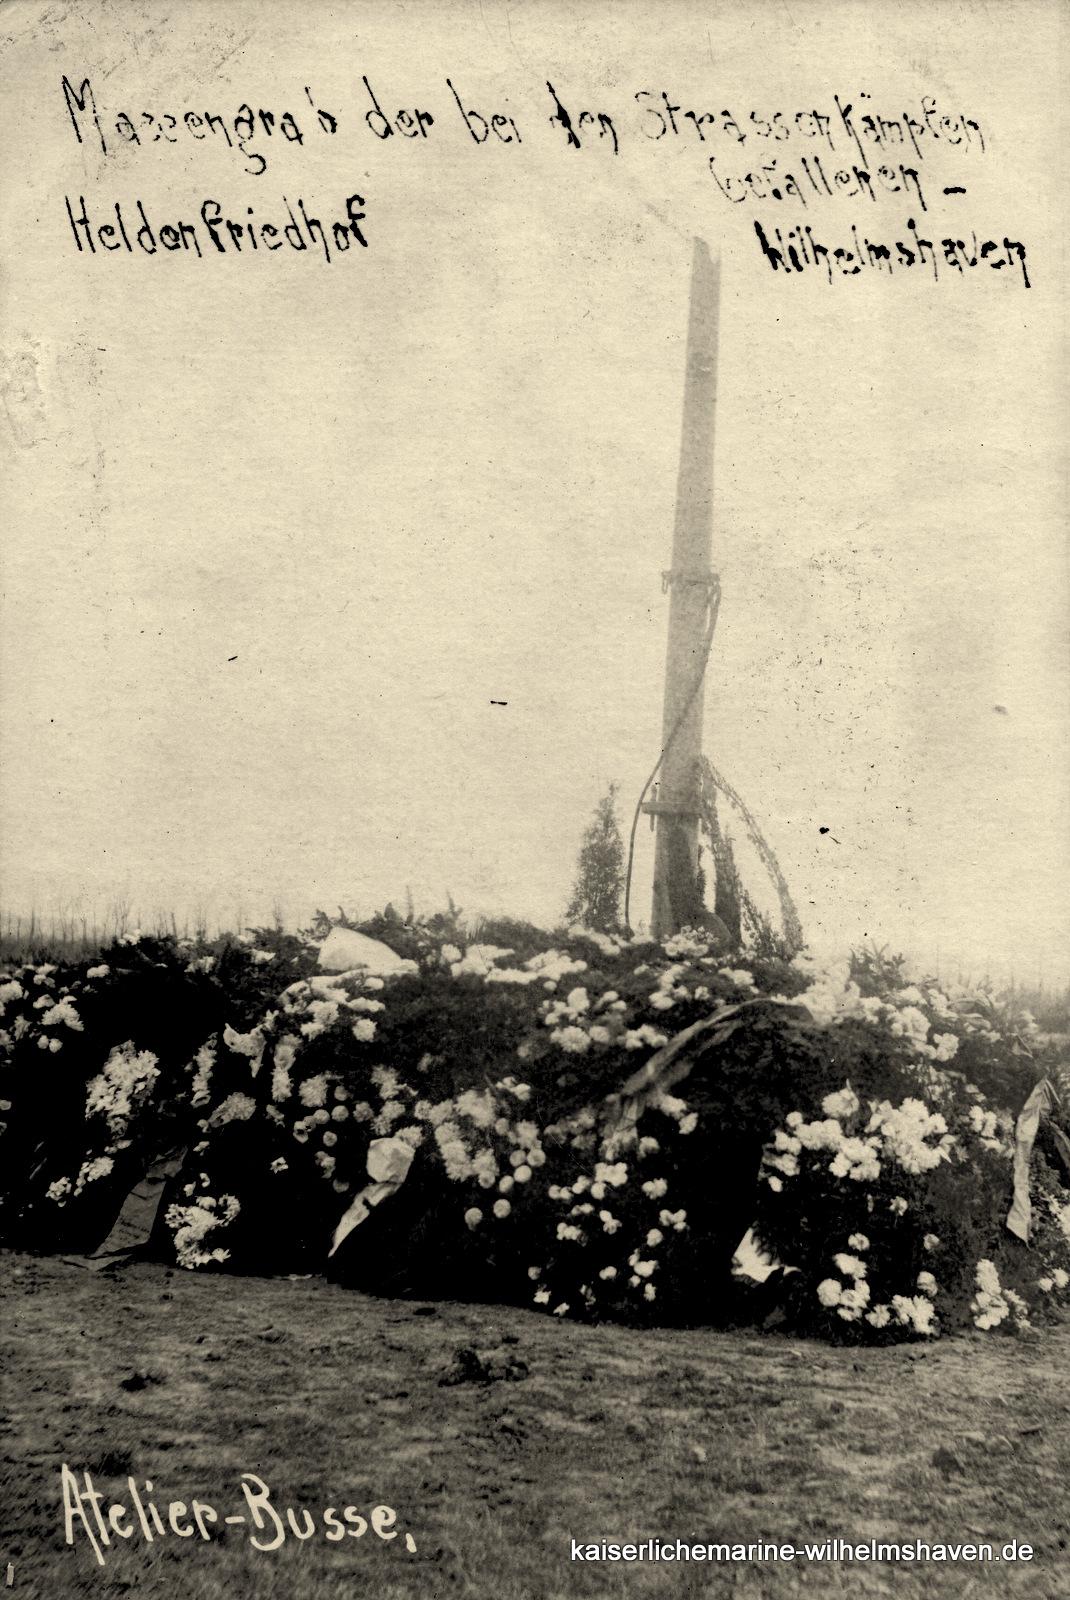 """Die wohl besser als Gemeinschaftsgrab zu bezeichnende Grabstelle auf dem Ehrenfriedhof, im Hintergrund der """"Lützow-Mast"""" (s. Ehrenfriedhof"""" unter Garnisonbauten/Friedhöfe)"""